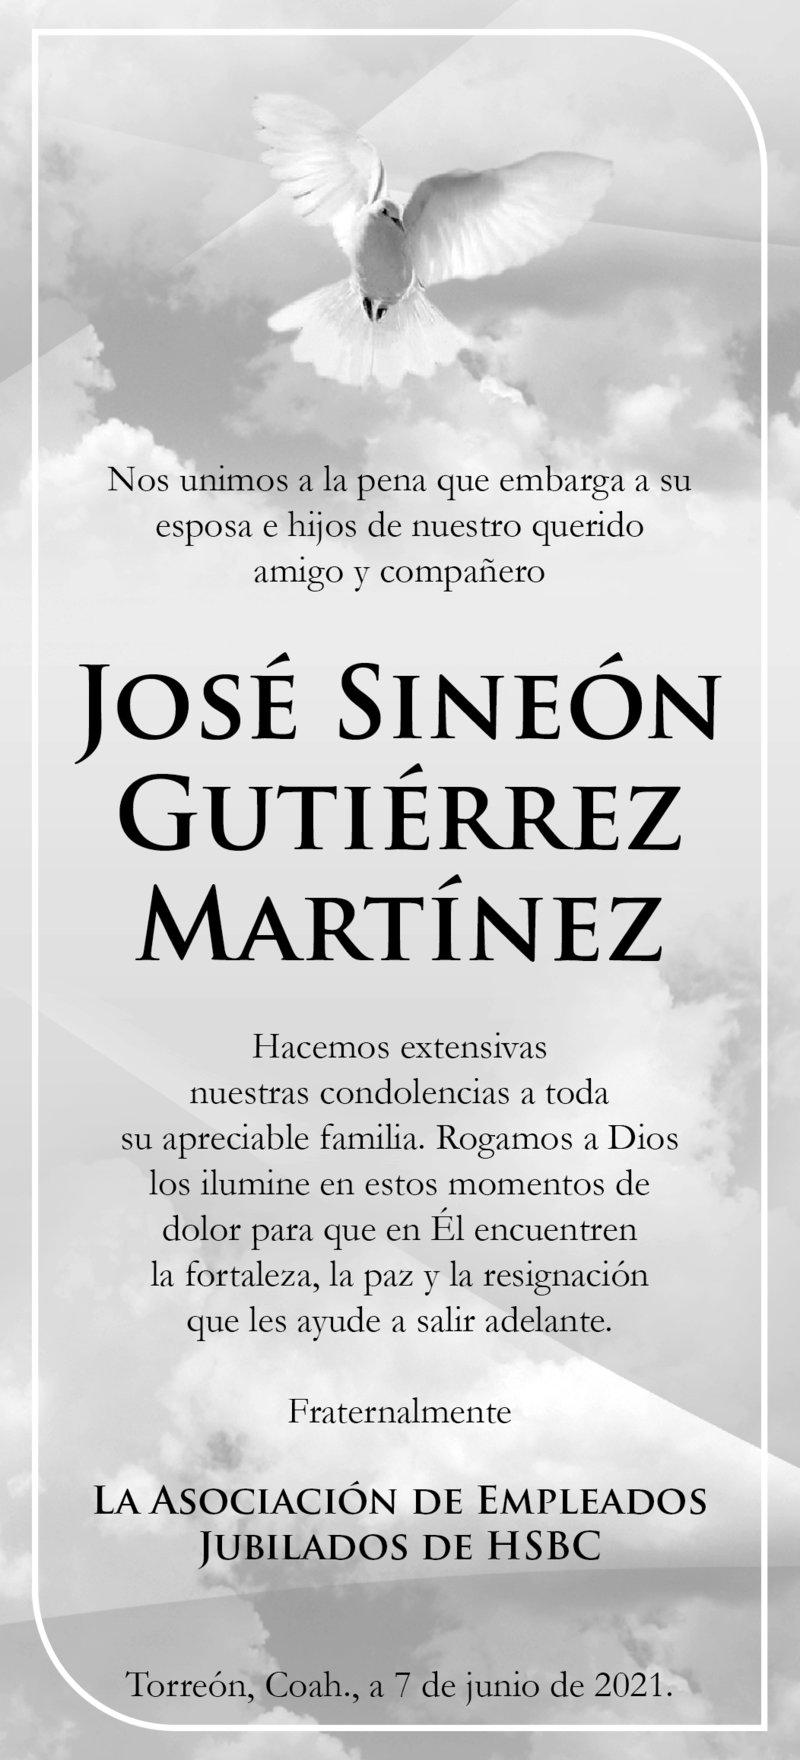 CONDOLENCIA: JOSÉ SINEÓN GUTIÉRREZ MARTÍNEZ. La asociación de empleados jubilados de HSBC, lamentan el fallecimiento de su amigo y compañero José Sineón Gutiérrez Martínez. Descanse en paz.